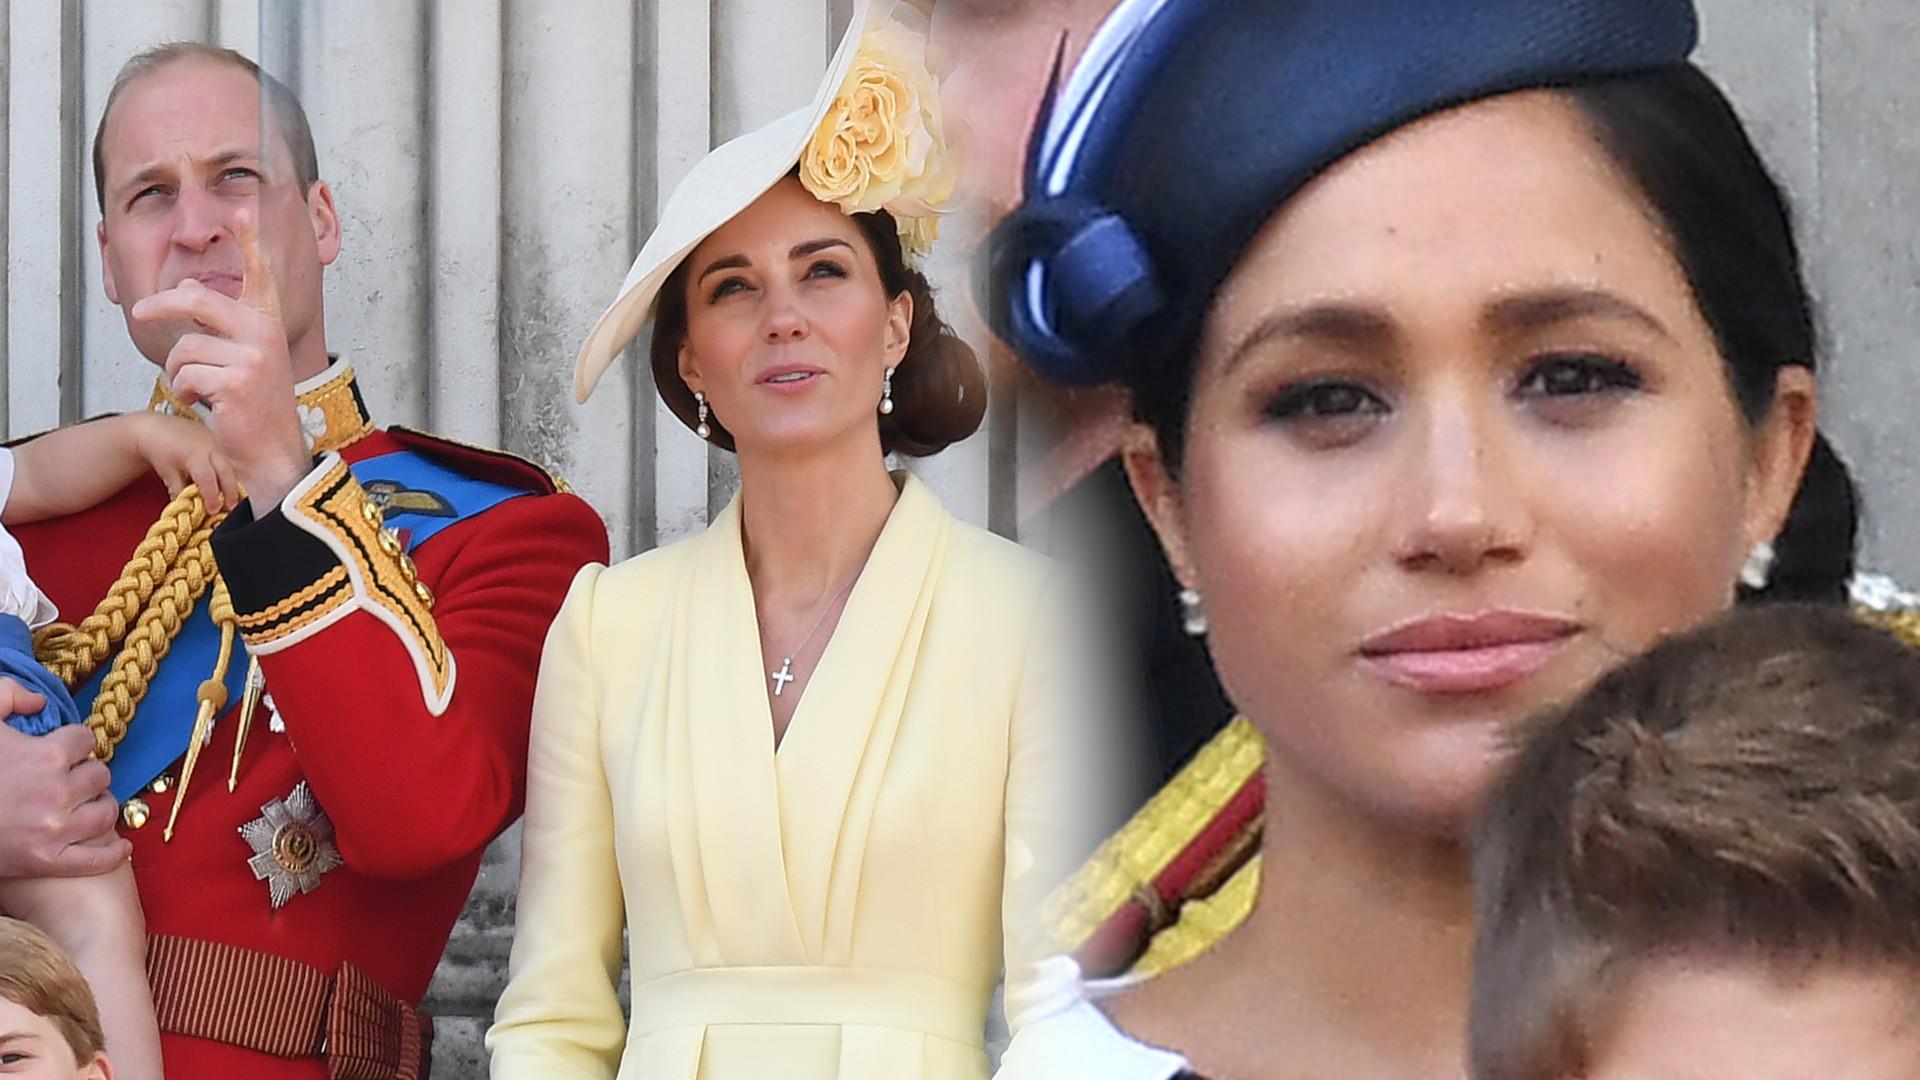 Meghan Markle zatrudniła specjalistę. Chce w ten sposób wbić szpilę Kate Middleton